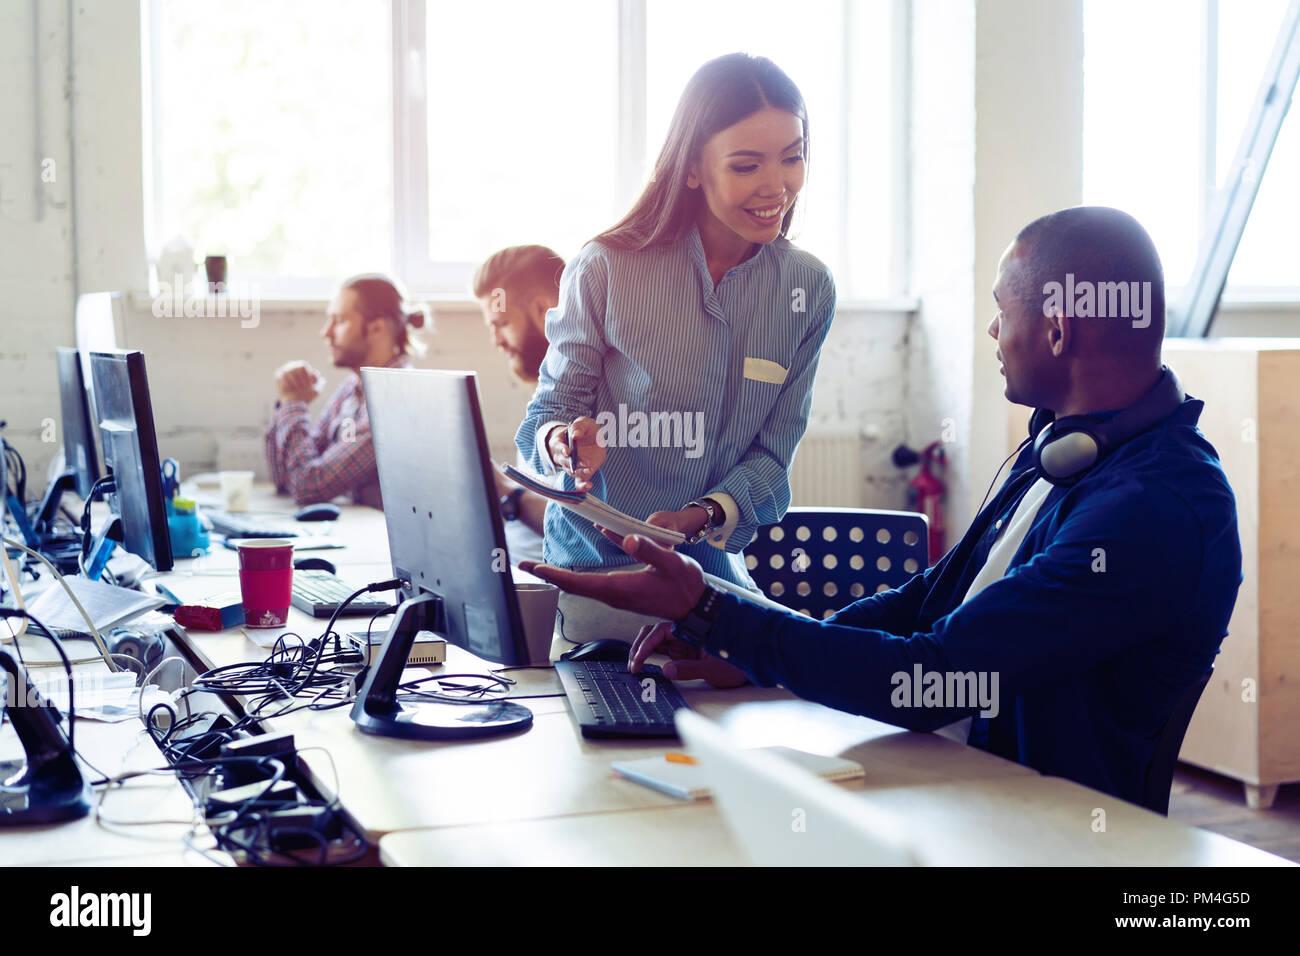 Intensa jornada de trabajo. Vista superior de los jóvenes la gente moderna en smart ropa casual hablando de negocios mientras está sentado en la oficina creativa. Imagen De Stock